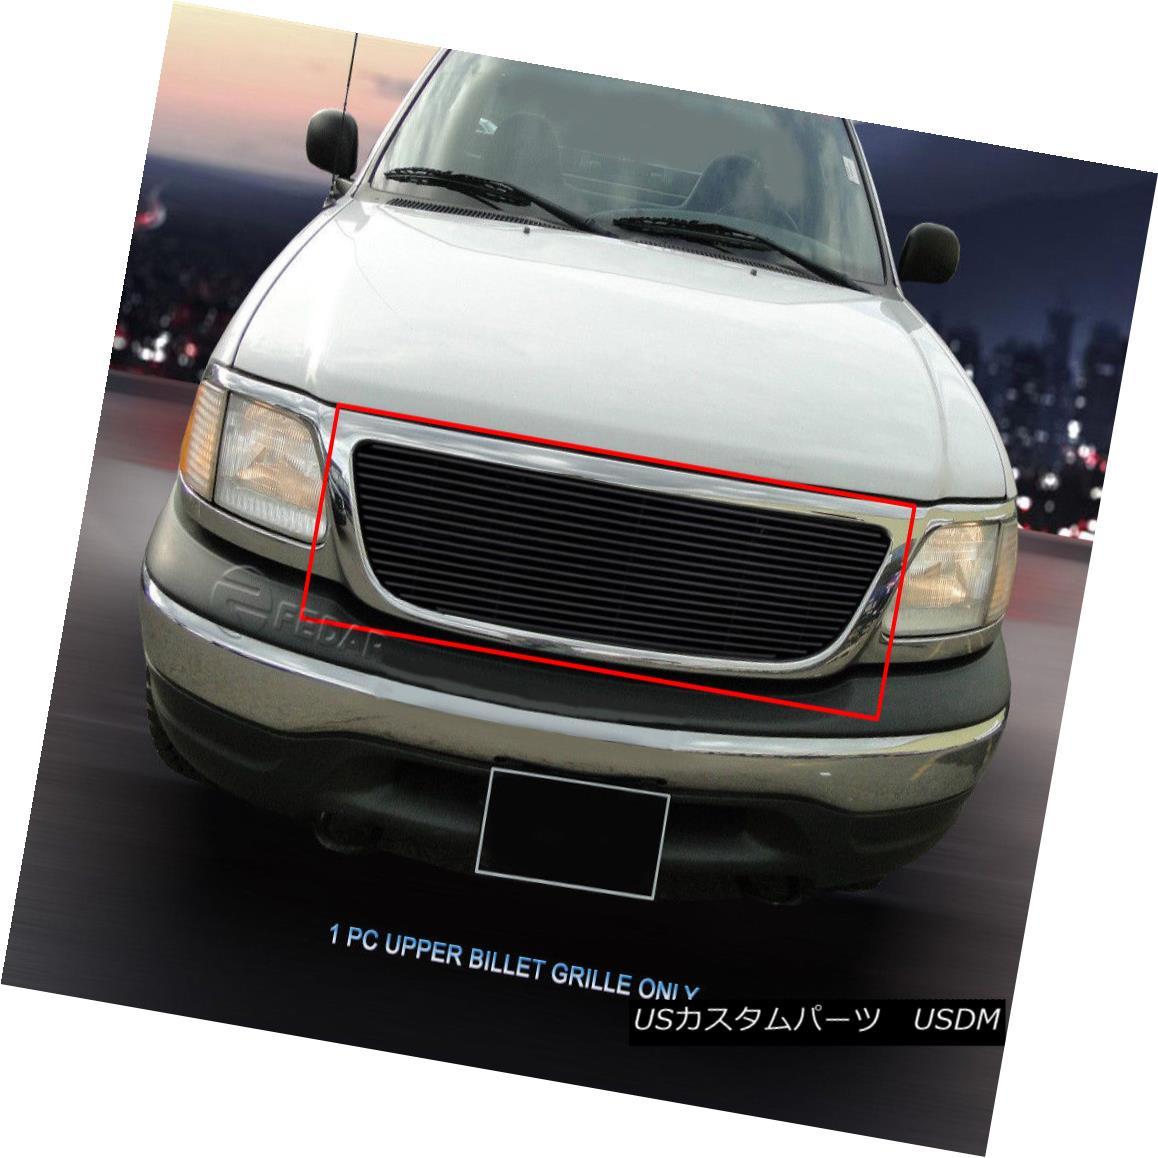 グリル 99-04 Ford F-150 F150 Black Billet Grille Grill Insert 2 Bar Style Fedar 99-04 Ford F-150 F150黒ビレットグリルグリルインサート2バースタイルFedar